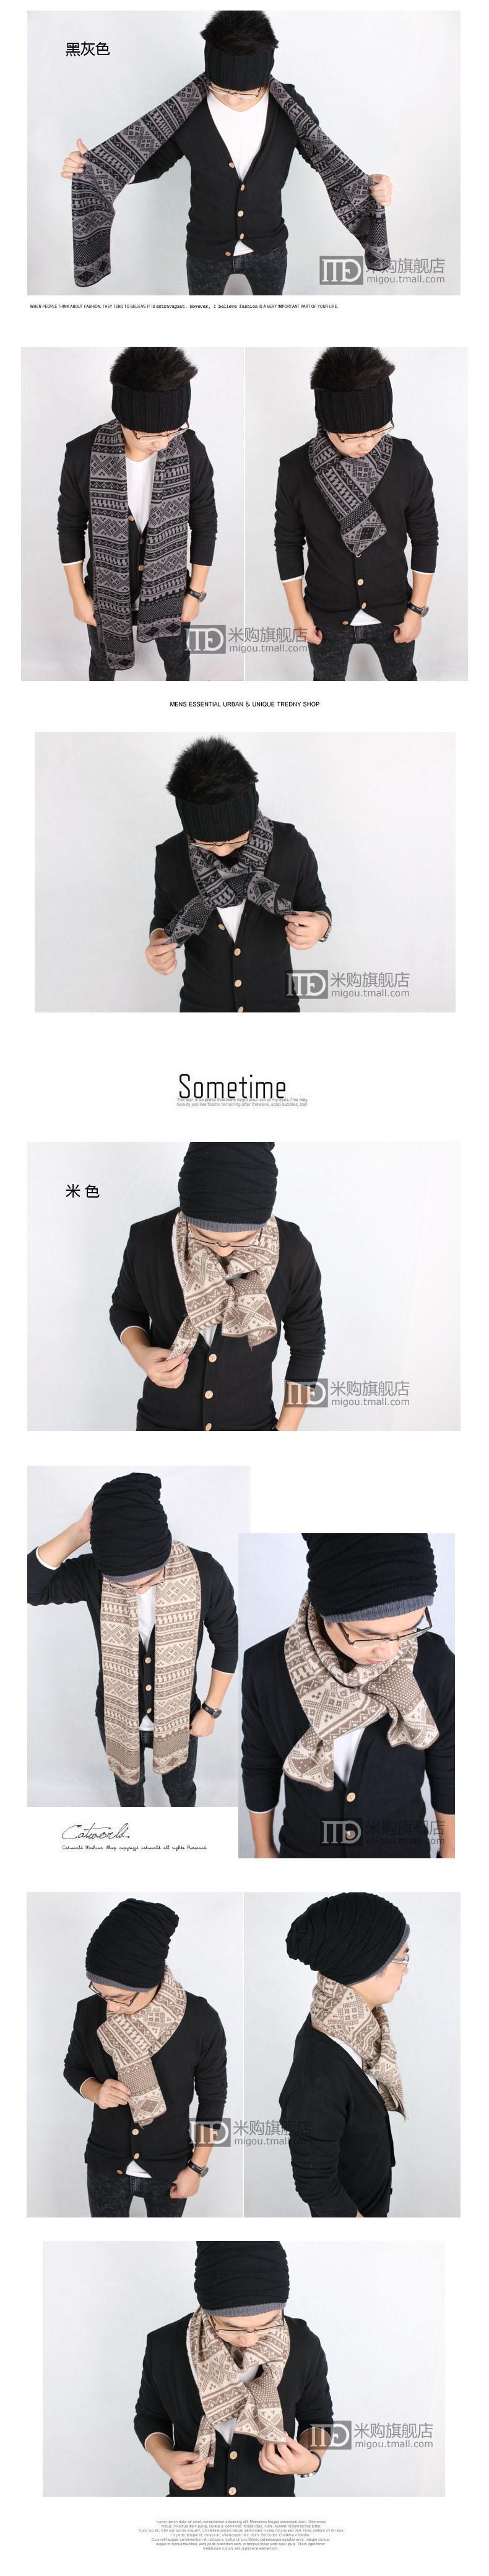 2015韩版新款波西米亚复古双面民族菱形格子毛线男士围巾潮 黄蓝色